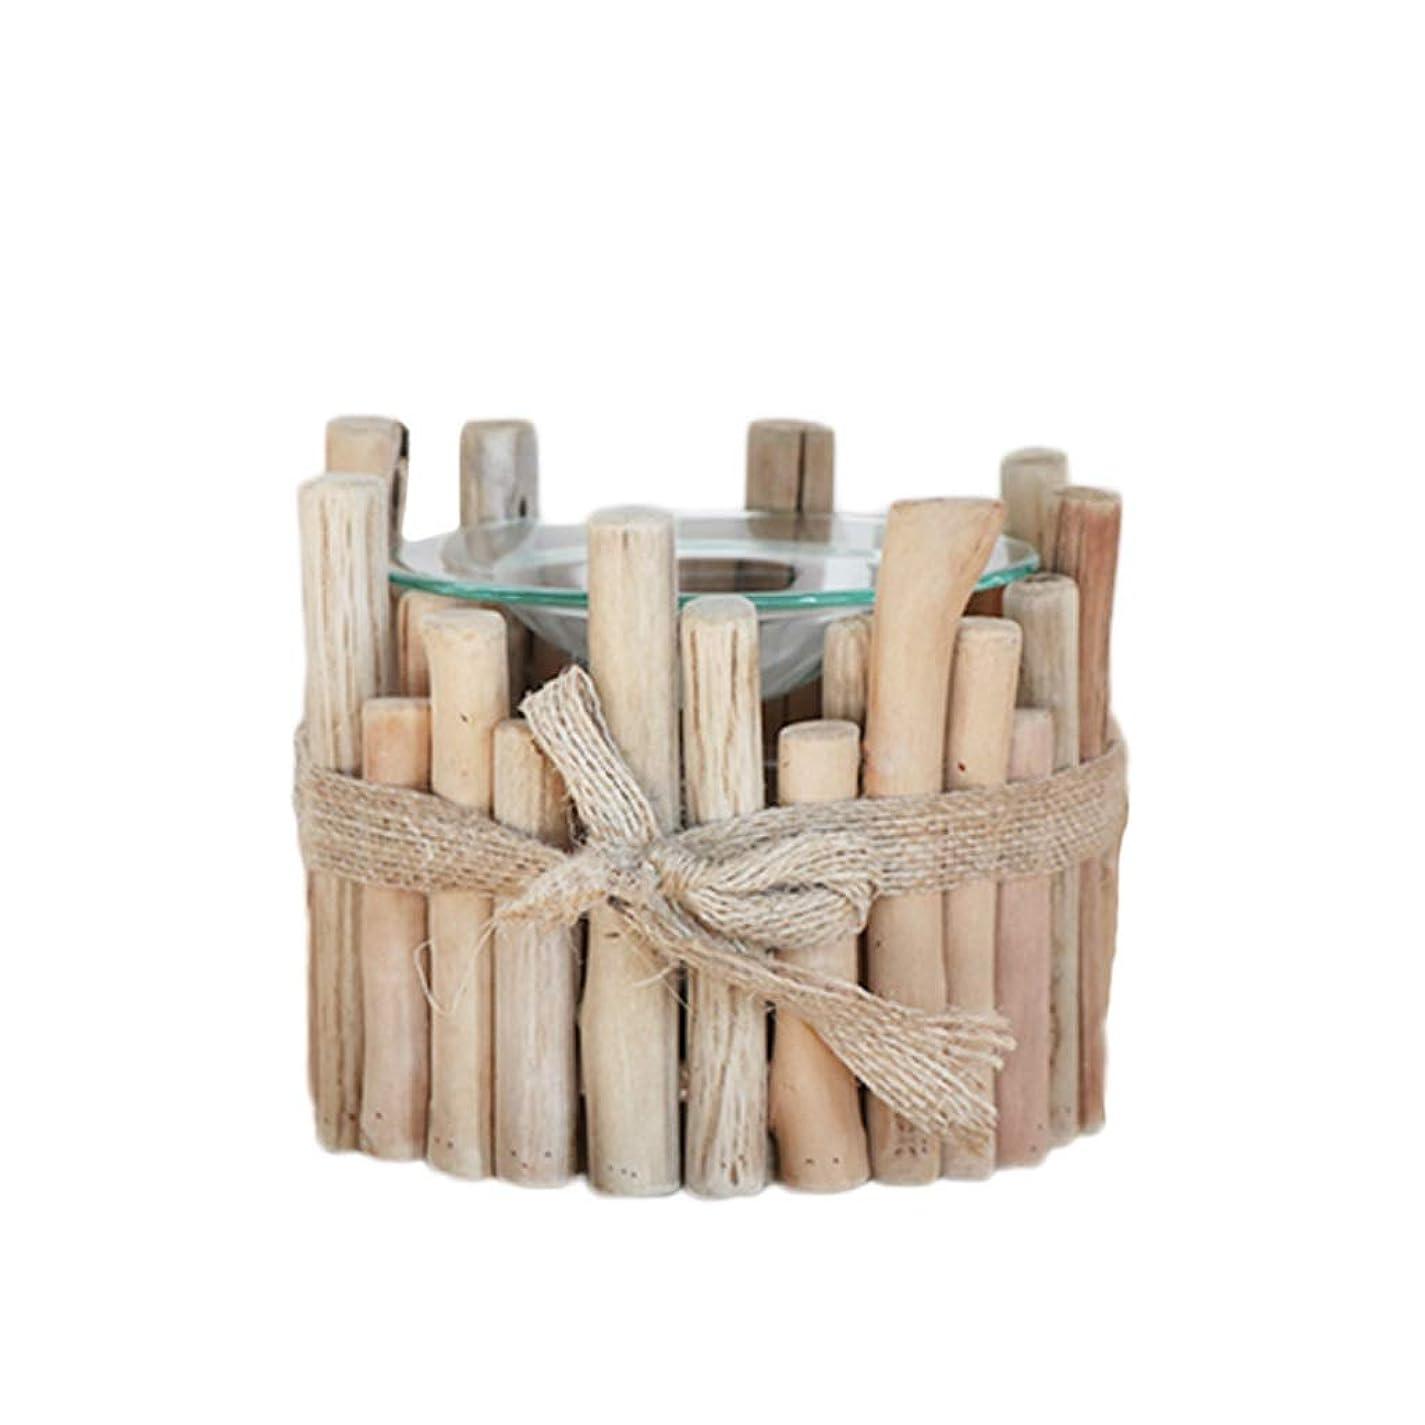 毎回樹皮離れて家庭用木材香ホルダーエッセンシャルオイルアロマ燭台香バーナー寝室アロマセラピー炉香バーナーホルダー (Color : D)